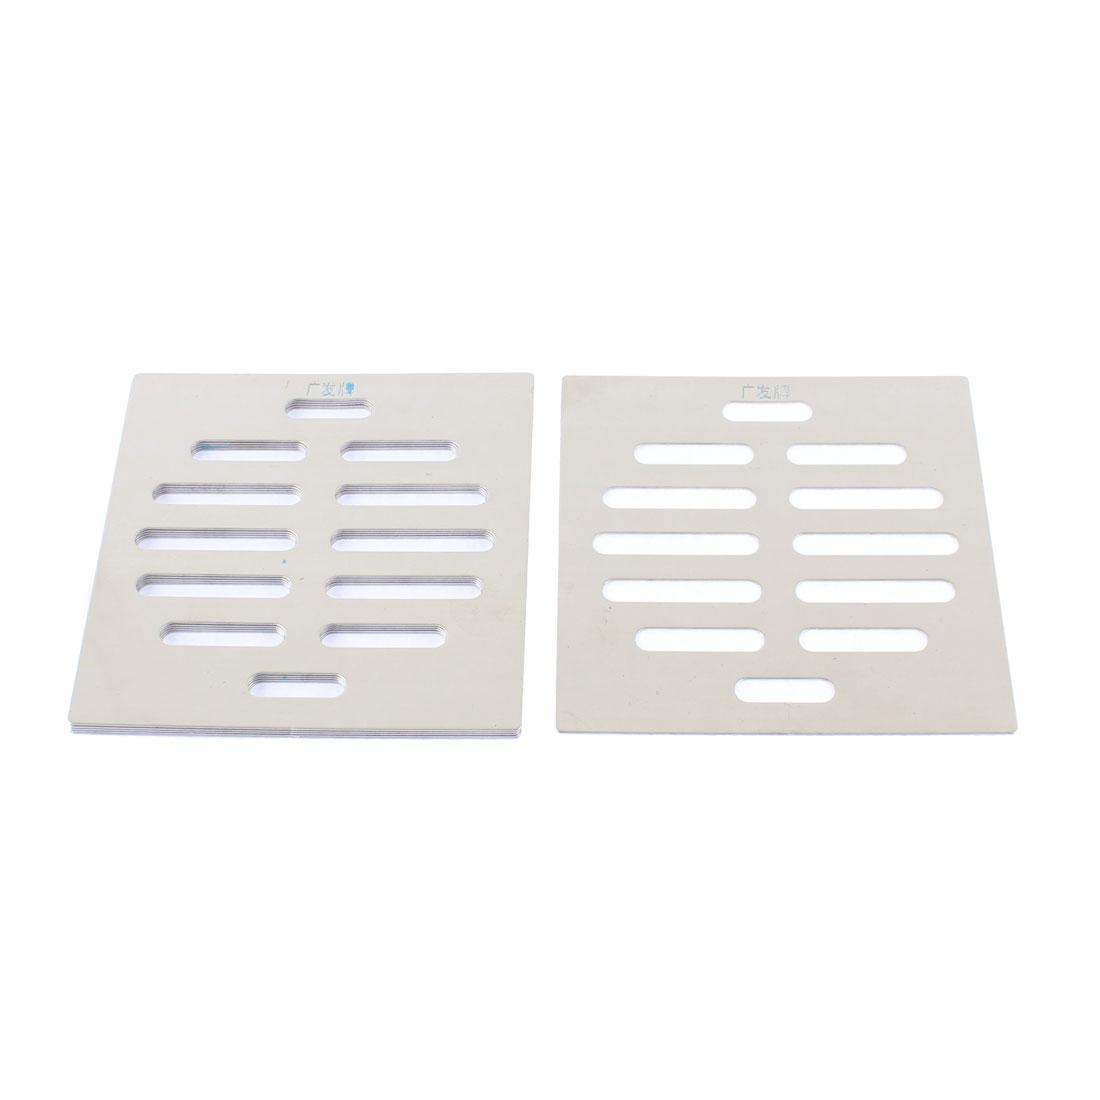 Kitchen Bathroom Square Floor Drain Drainer Cover 10cm x 10cm 6Pcs